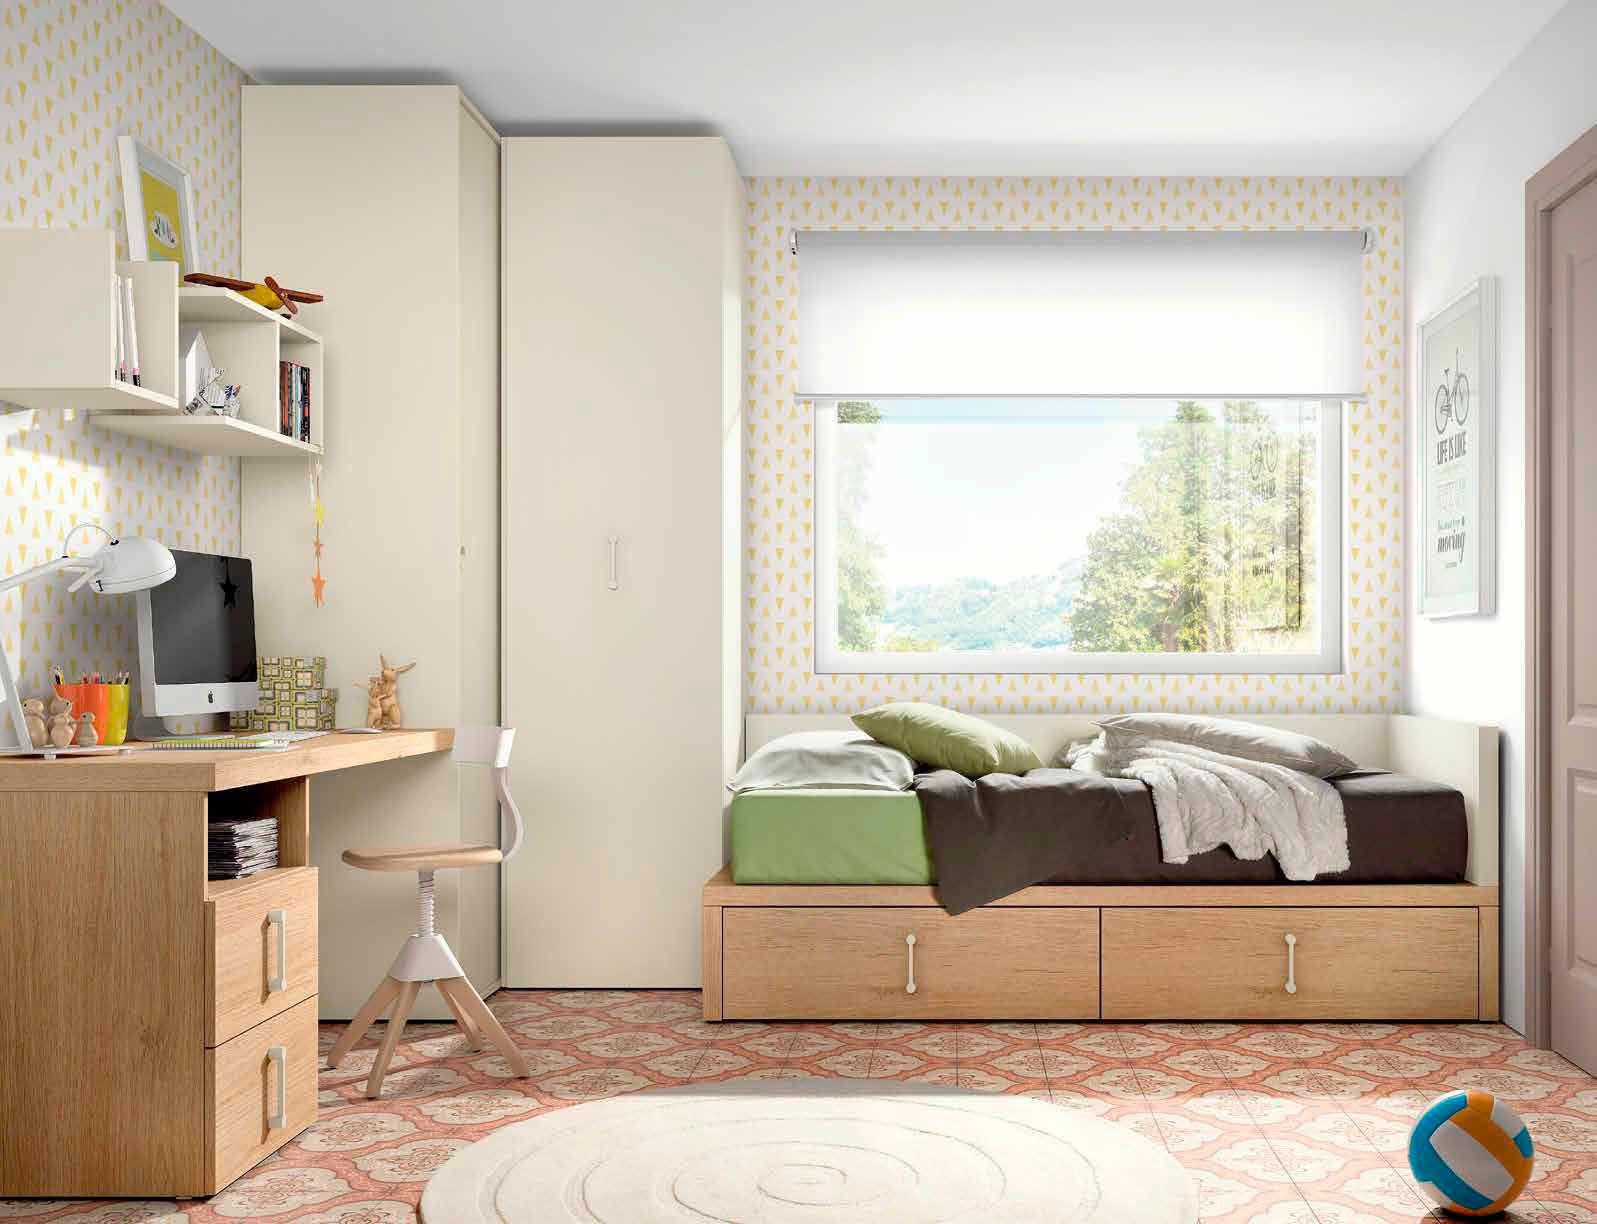 Ideas de dormitorios juveniles for Ideas dormitorios juveniles